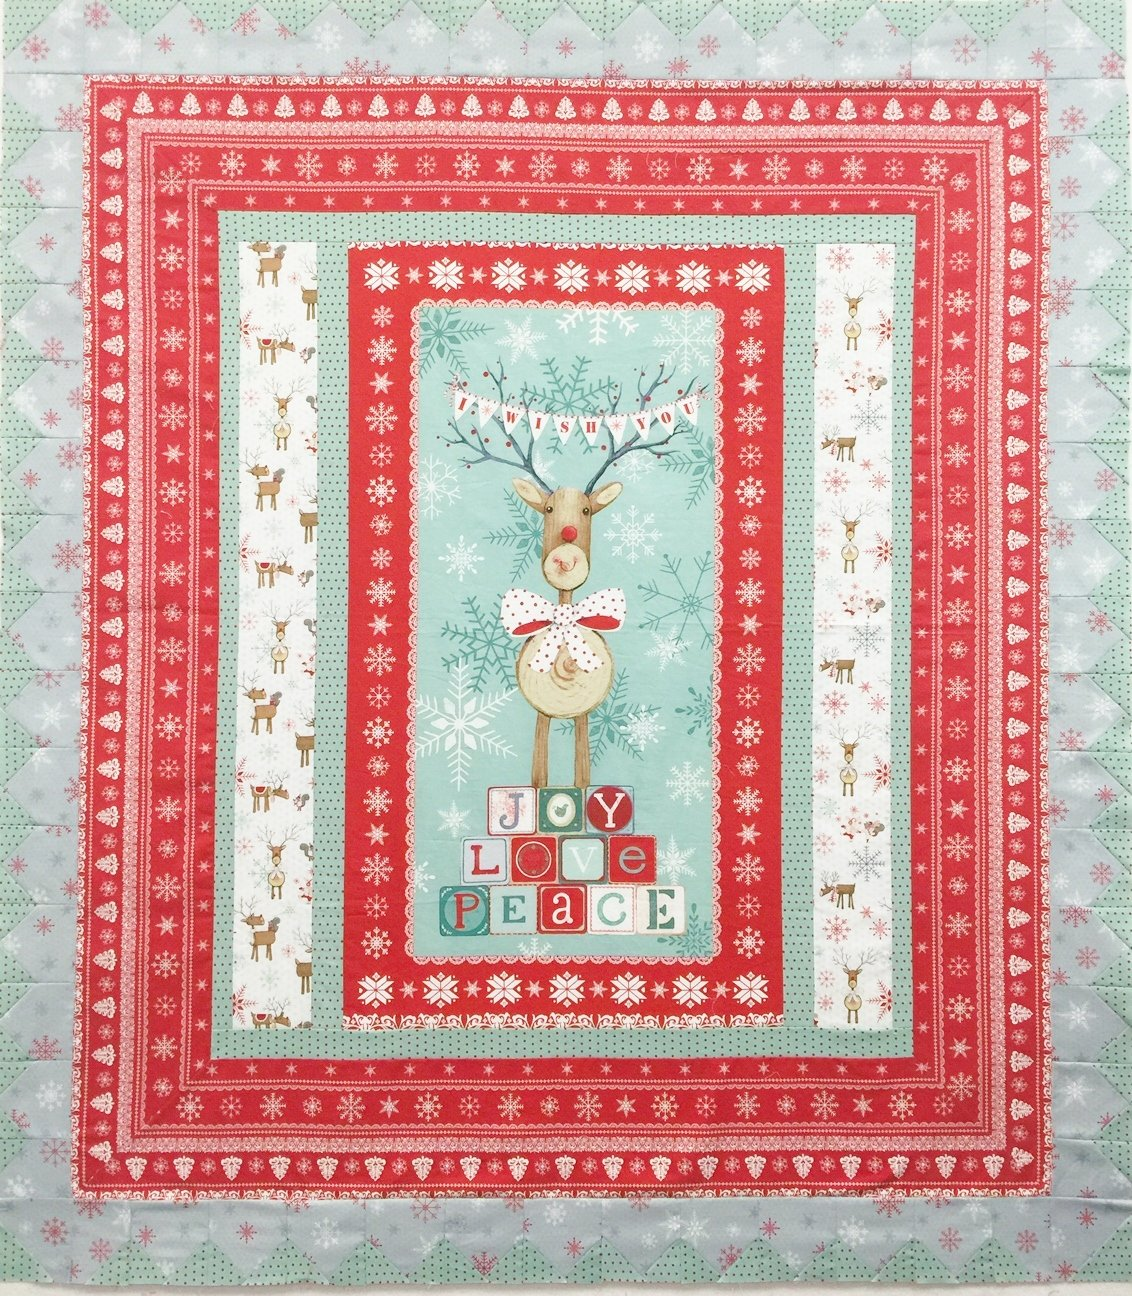 Joy, Love, Peace Quilt Kit